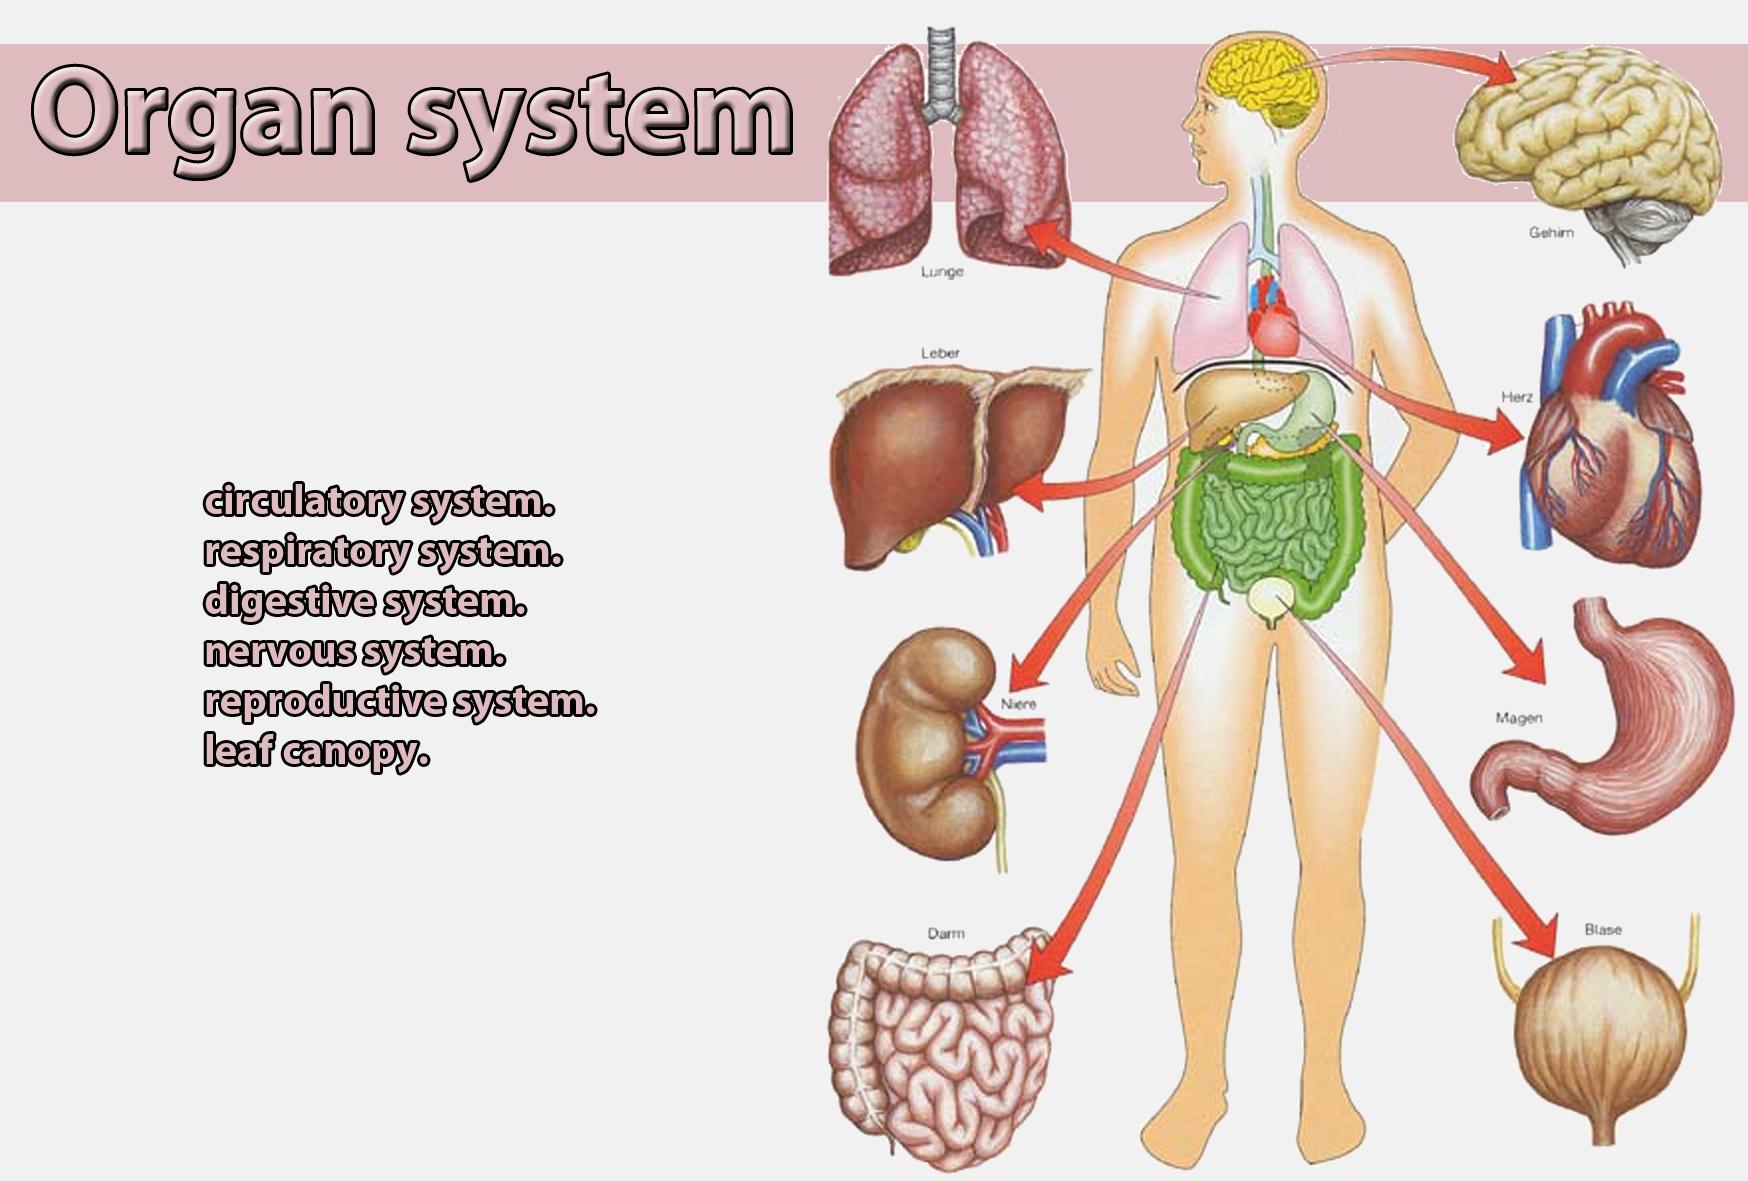 organ system | galnet wiki | fandom powered by wikia, Human body